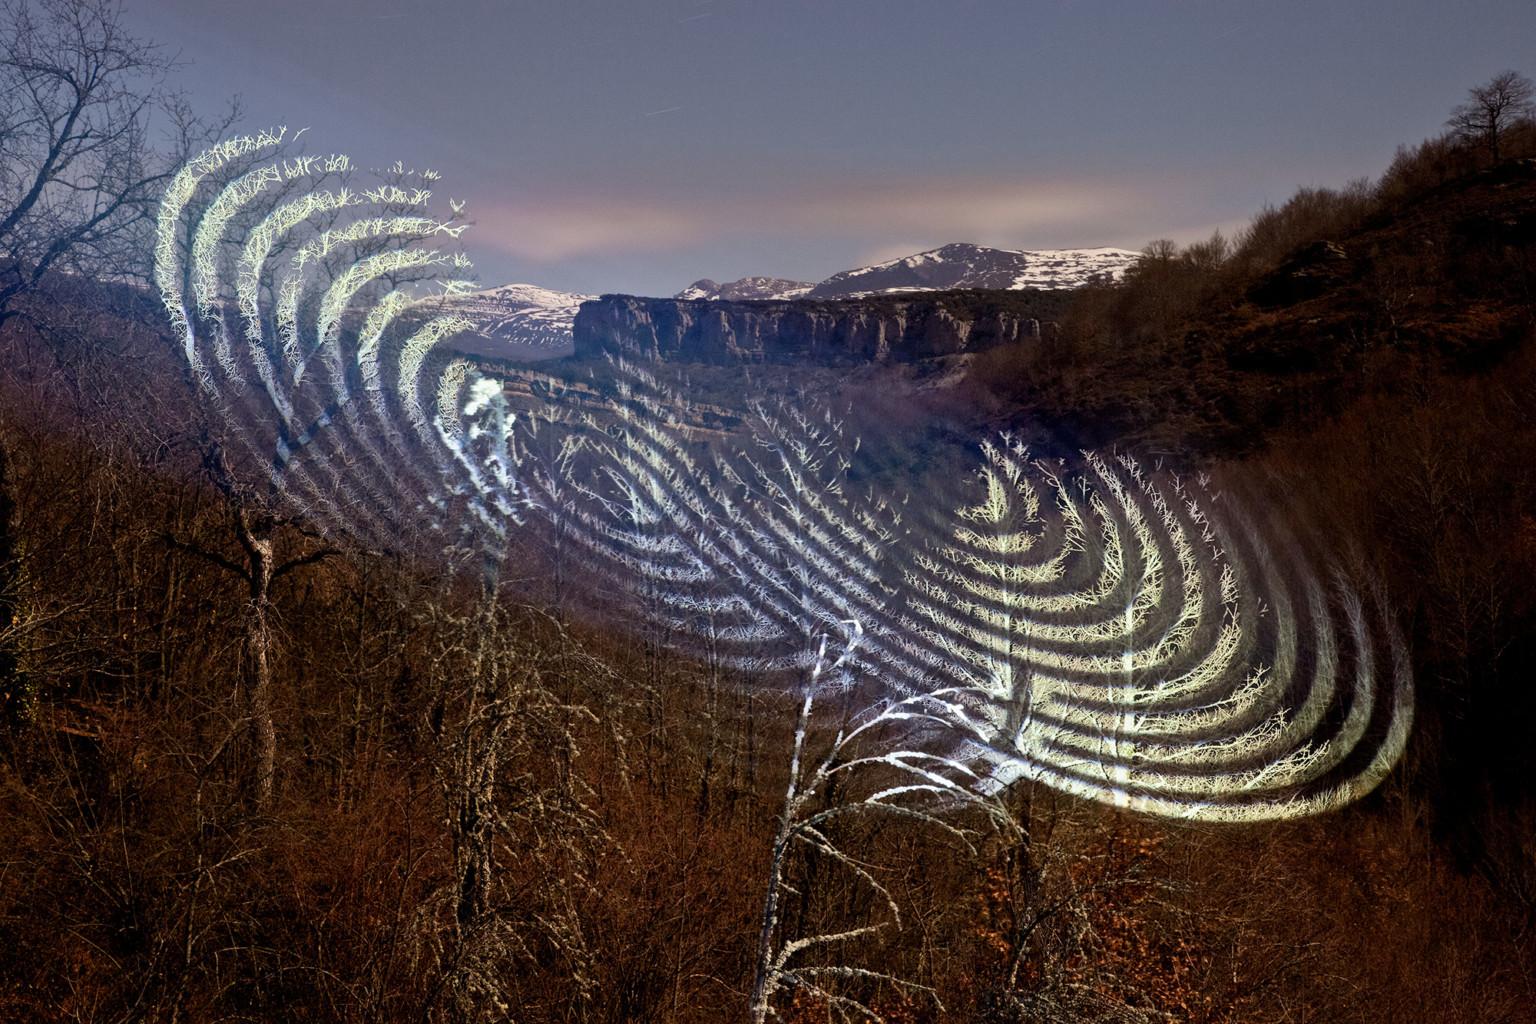 proyecciones luminosas de formas geométricas de javier riera